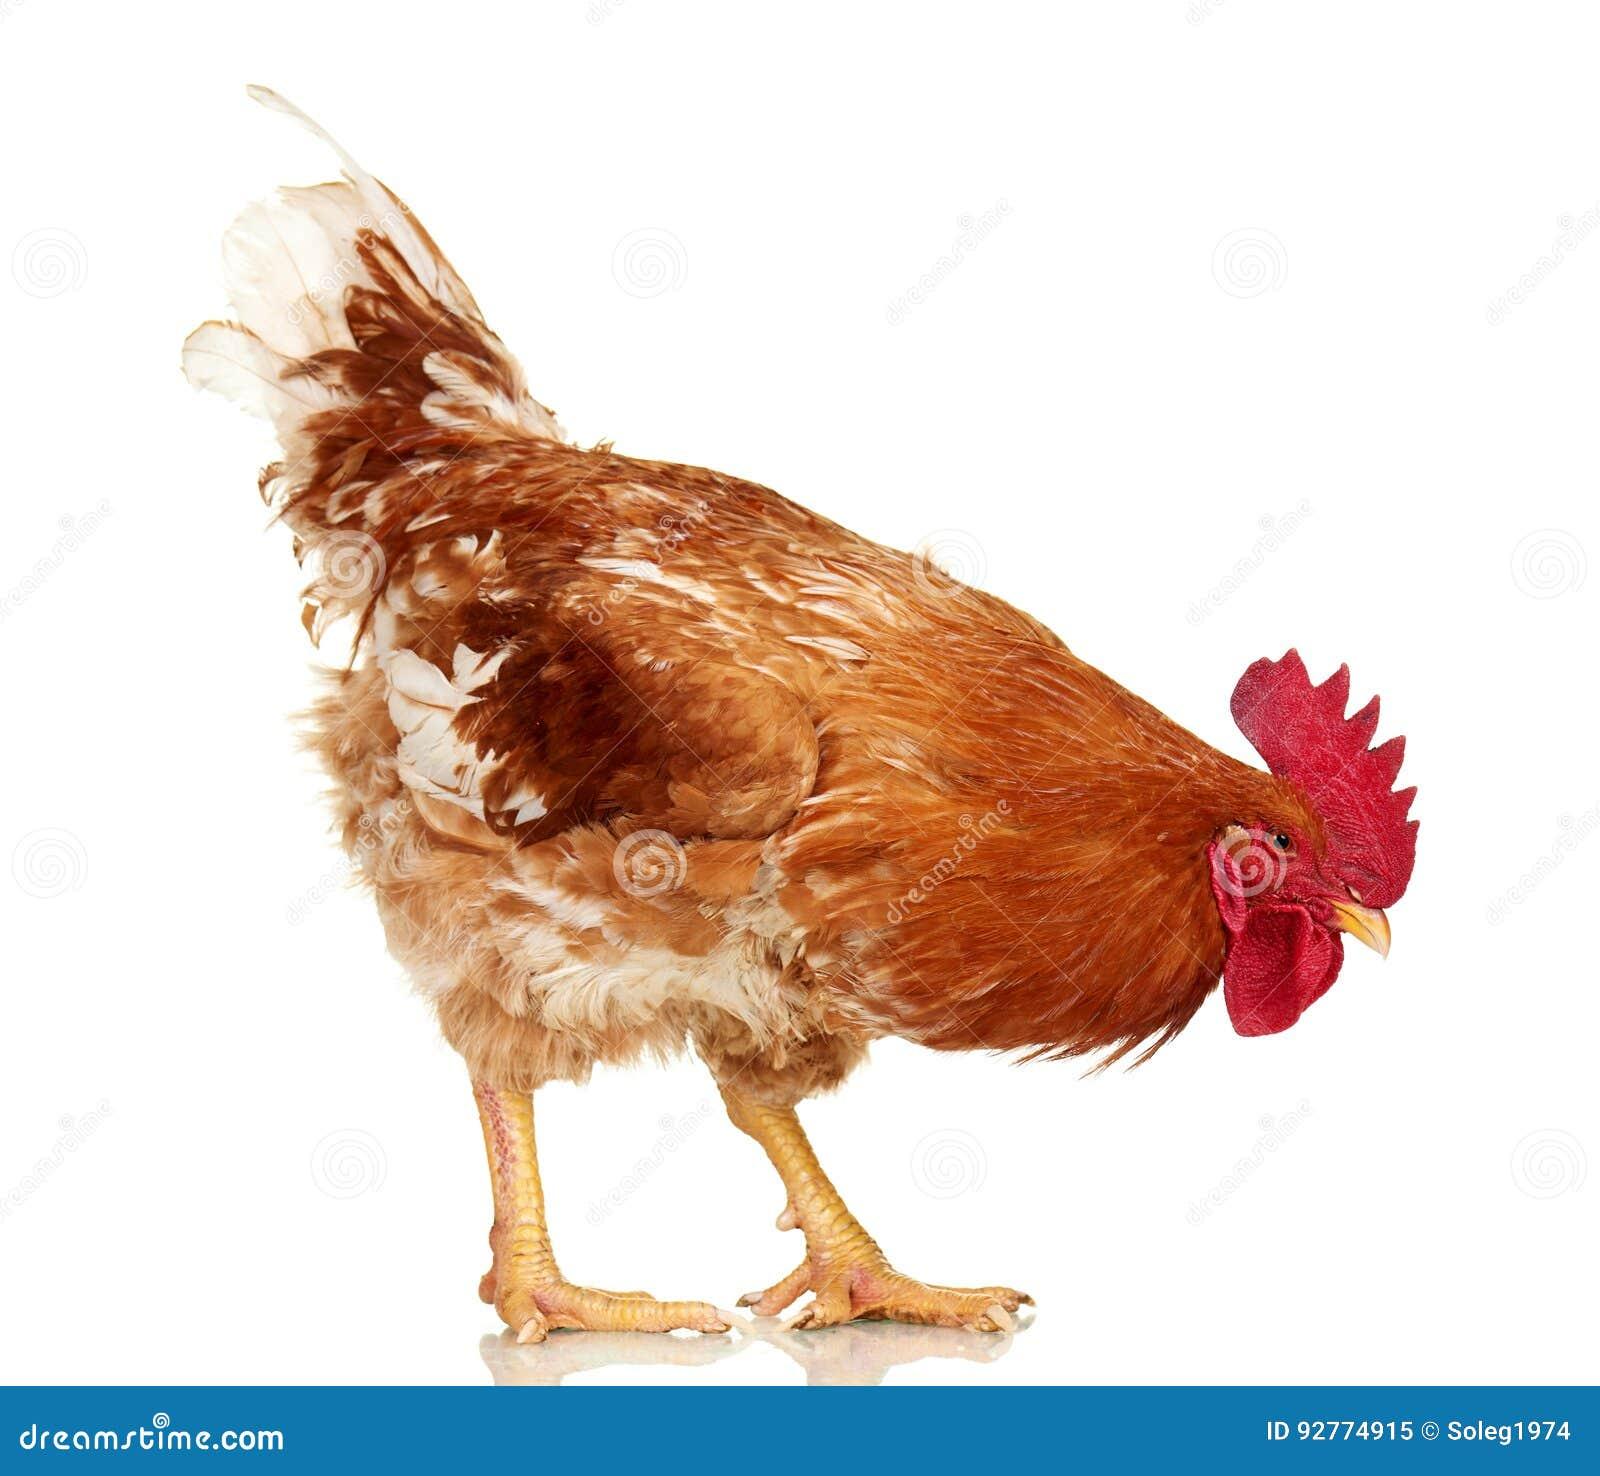 Καφετής κόκκορας στο άσπρο υπόβαθρο, απομονωμένο αντικείμενο, ζωντανό κοτόπουλο, ένα ζώο αγροκτημάτων κινηματογραφήσεων σε πρώτο